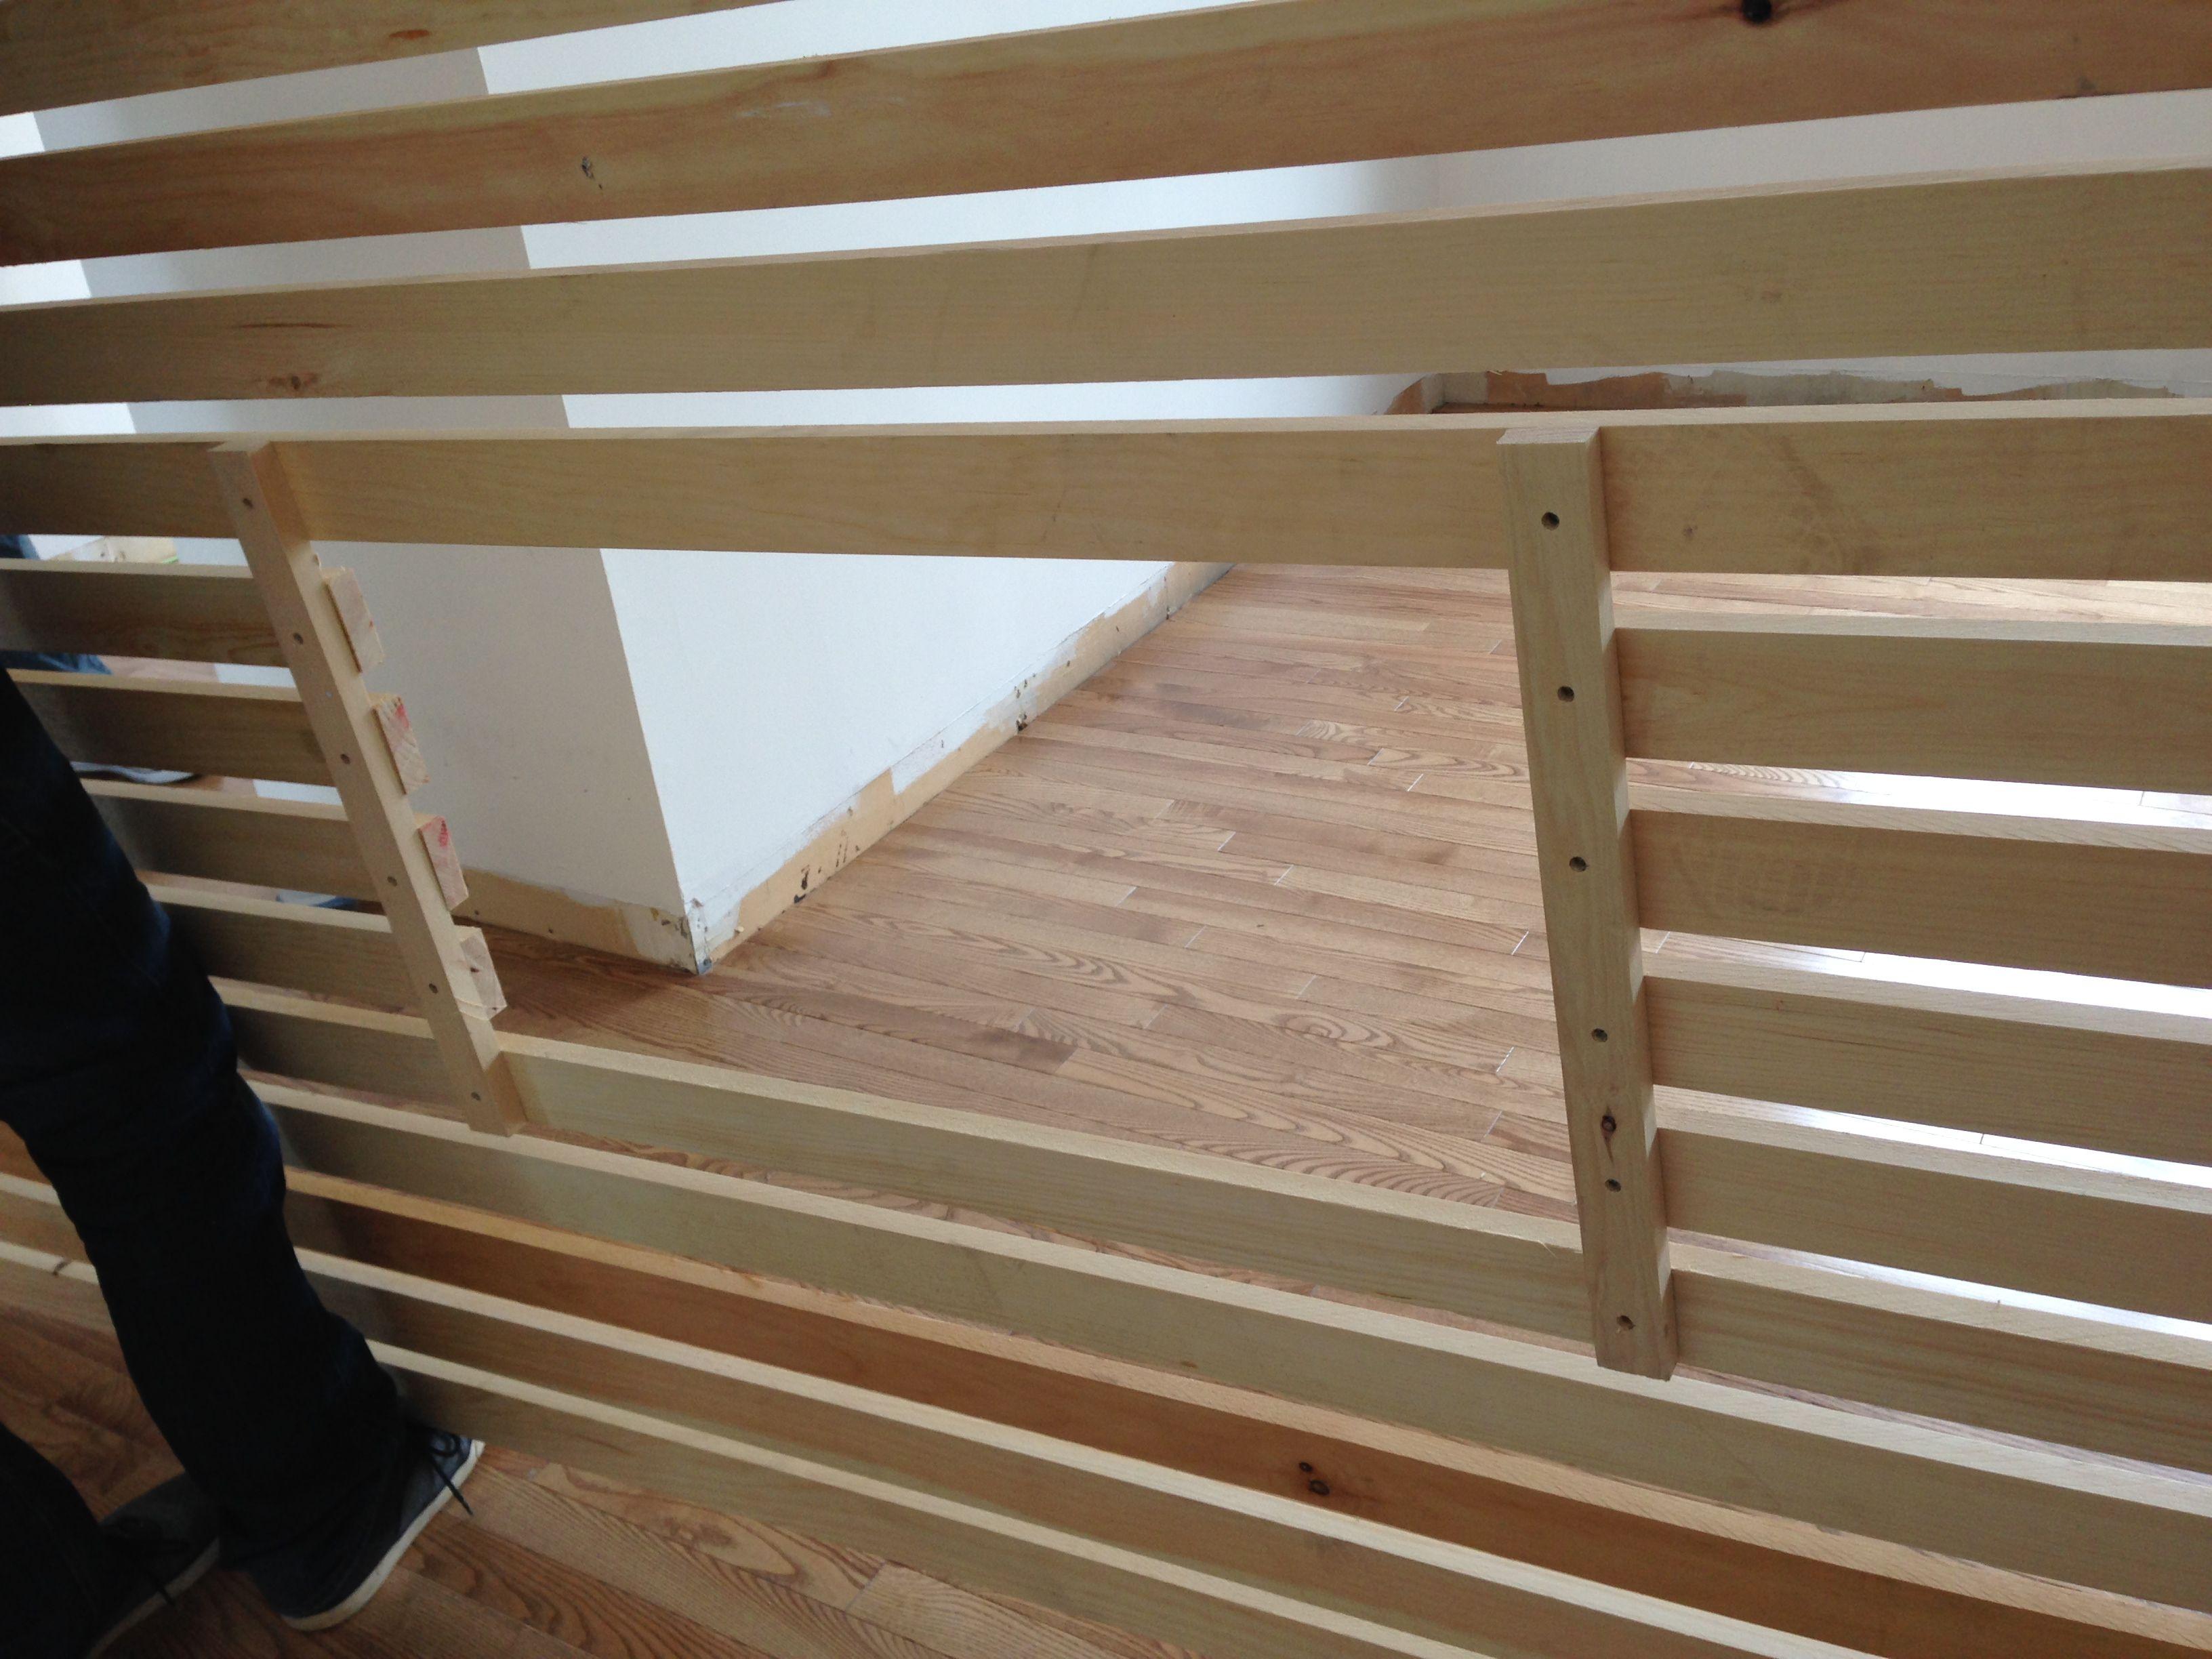 Diy Wood Slats Tv Accent Wall Reimagine Designs Wood Slat Wall Wood Slats Slat Wall